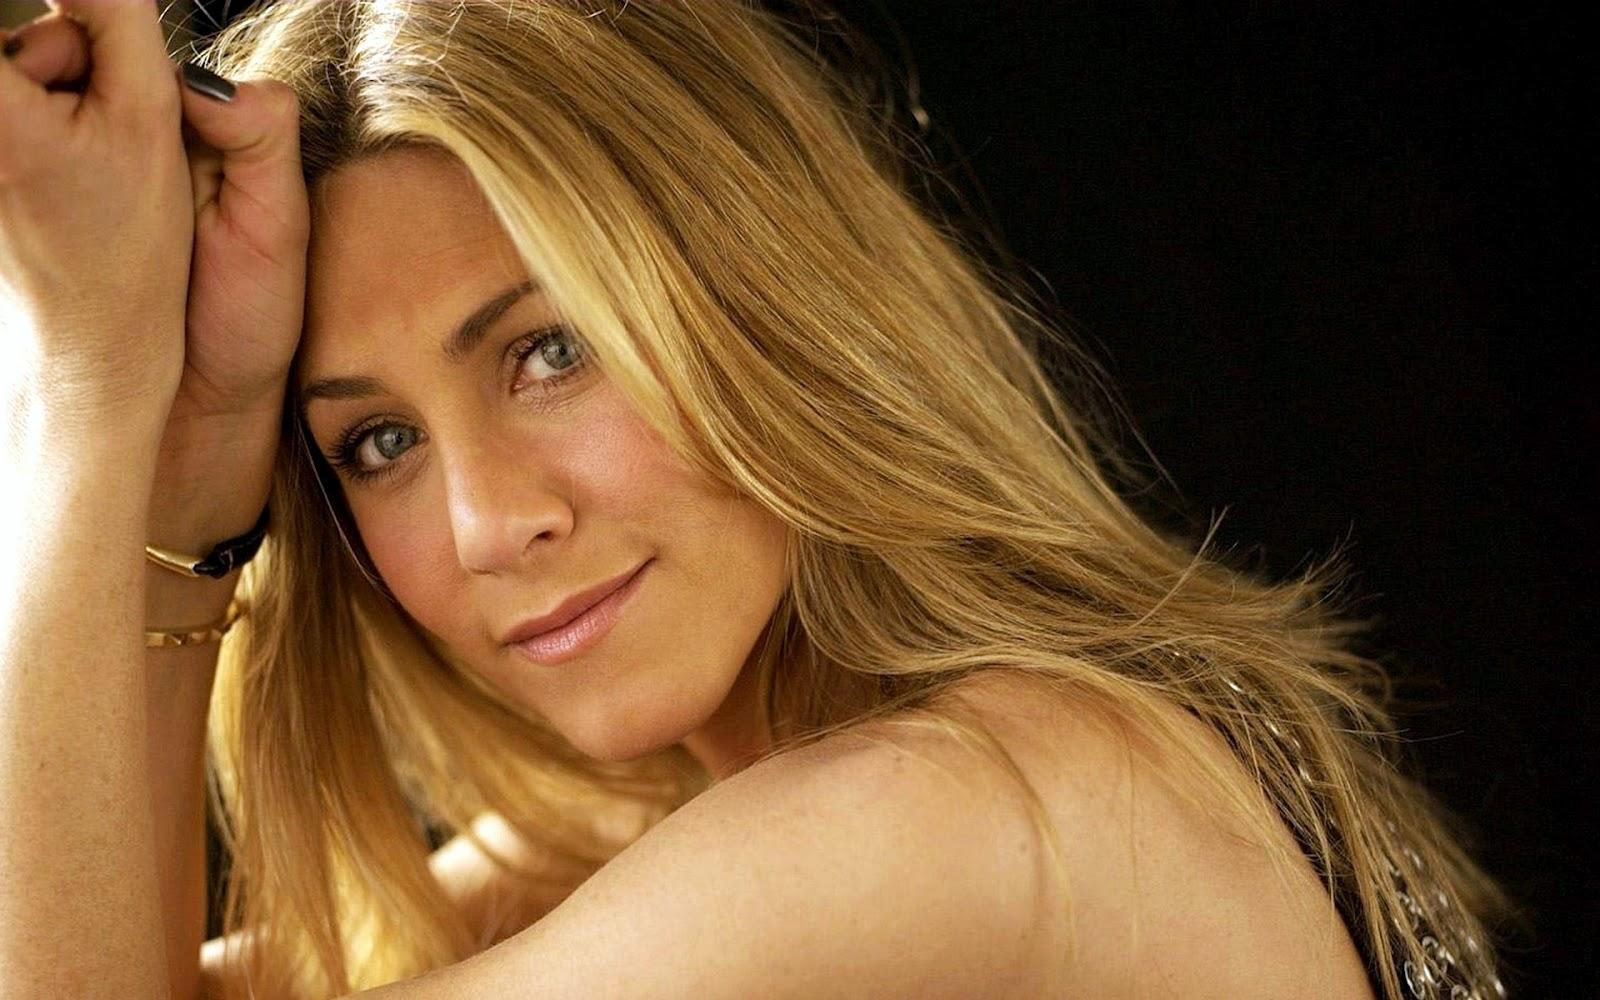 http://1.bp.blogspot.com/-58G5w-VjBOM/UB4LjUrUMII/AAAAAAAAAv0/Bc6emqCUzAM/s1600/Jennifer+Aniston+Wallscelebs.blogspot+(1).jpg